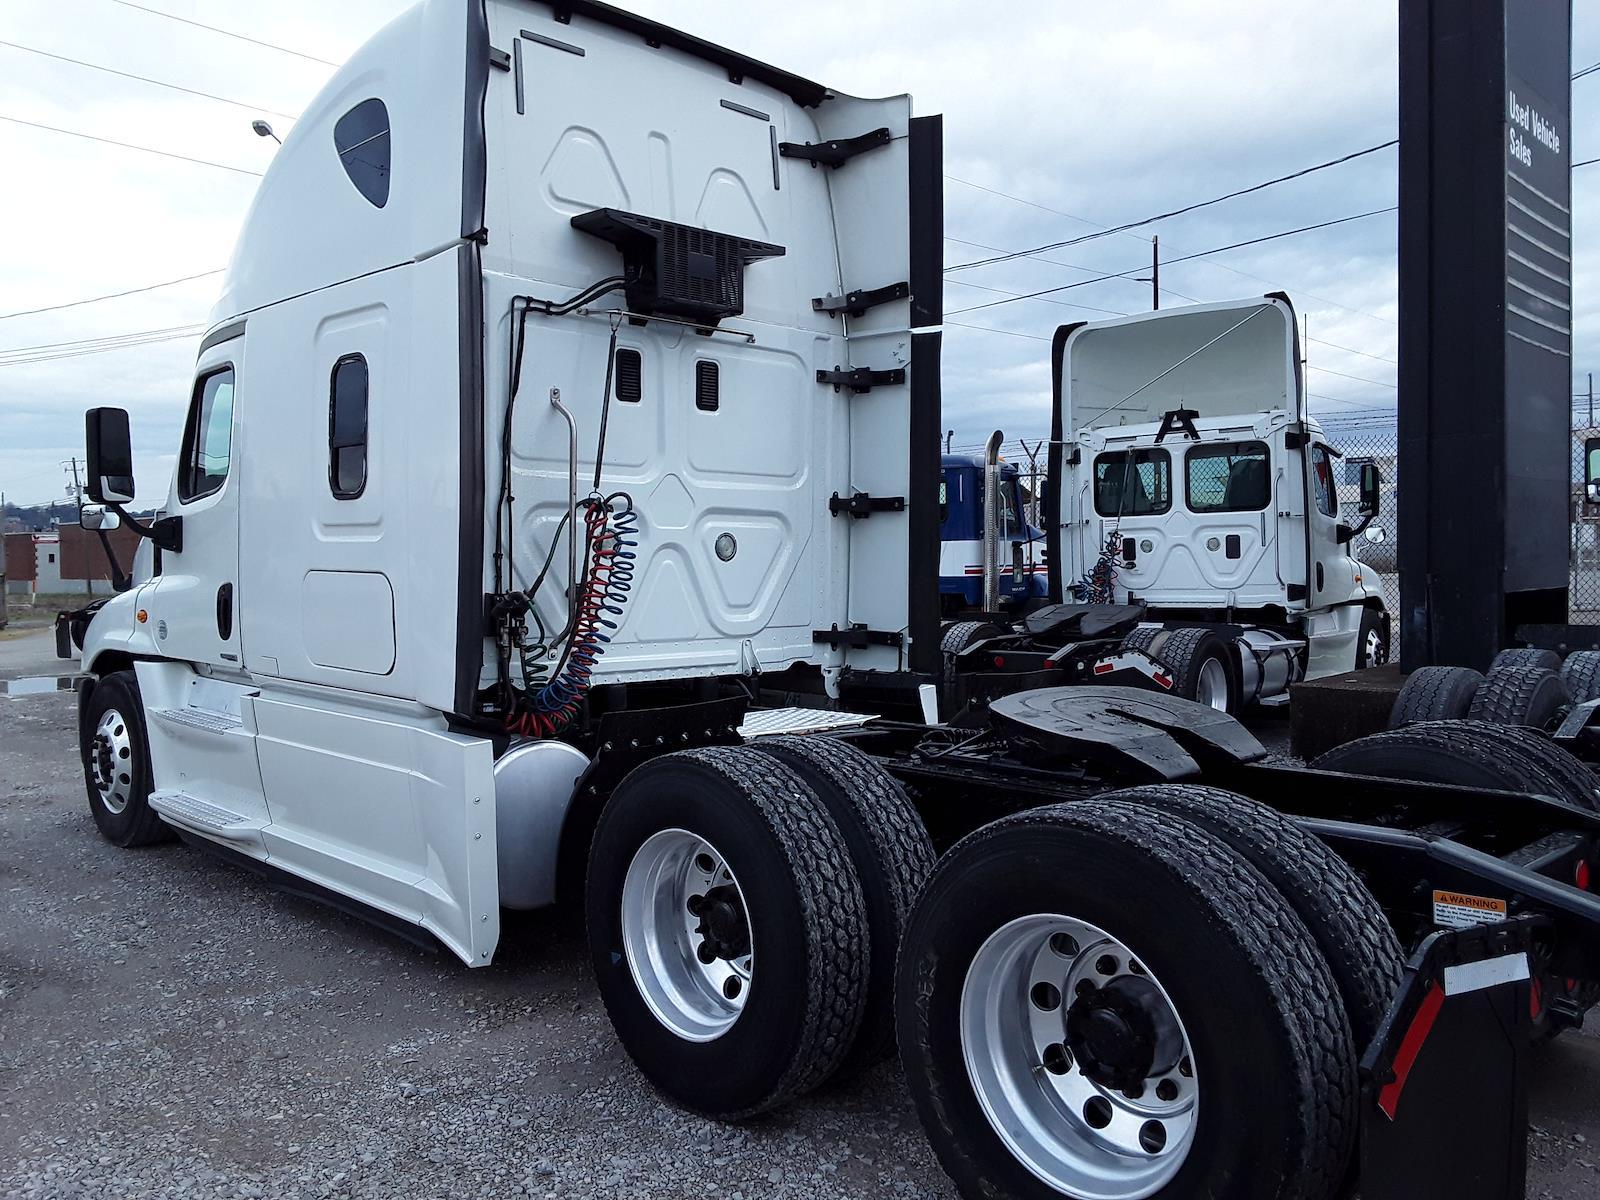 2015 Freightliner Truck 6x4, Tractor #568168 - photo 1